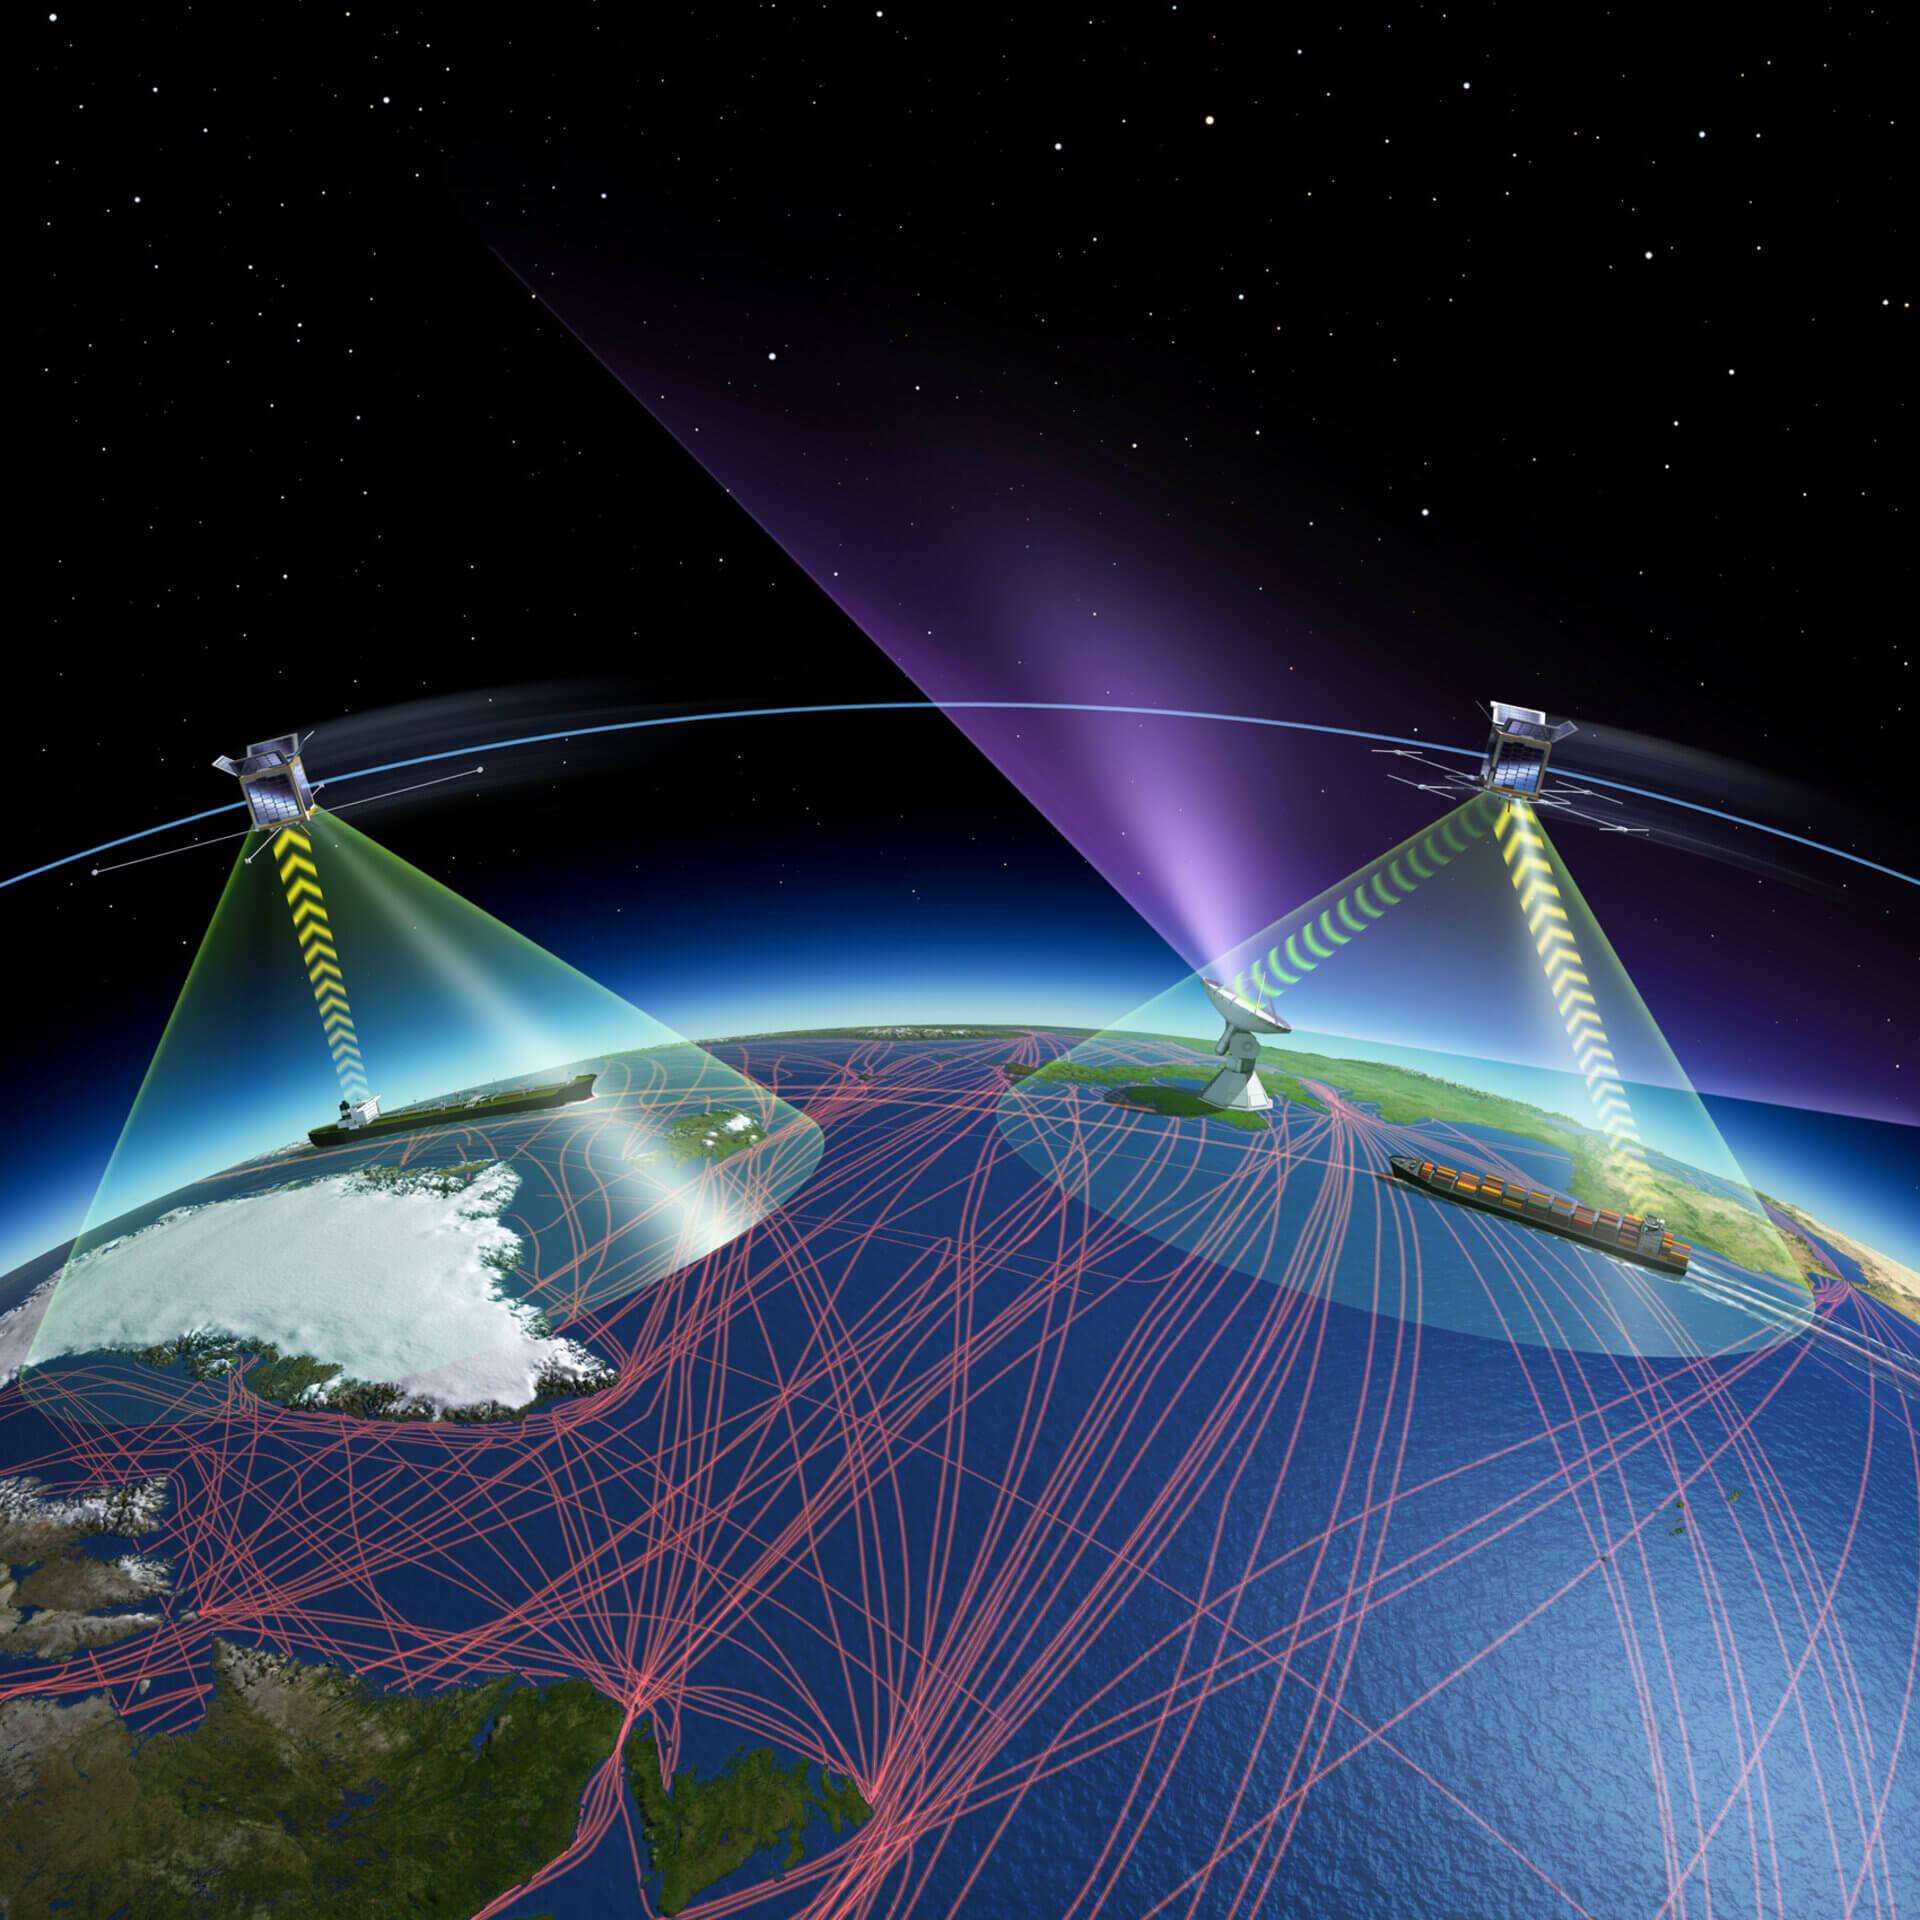 دیجیتالی شدن، ناجی صنعت حمل و نقل دریایی